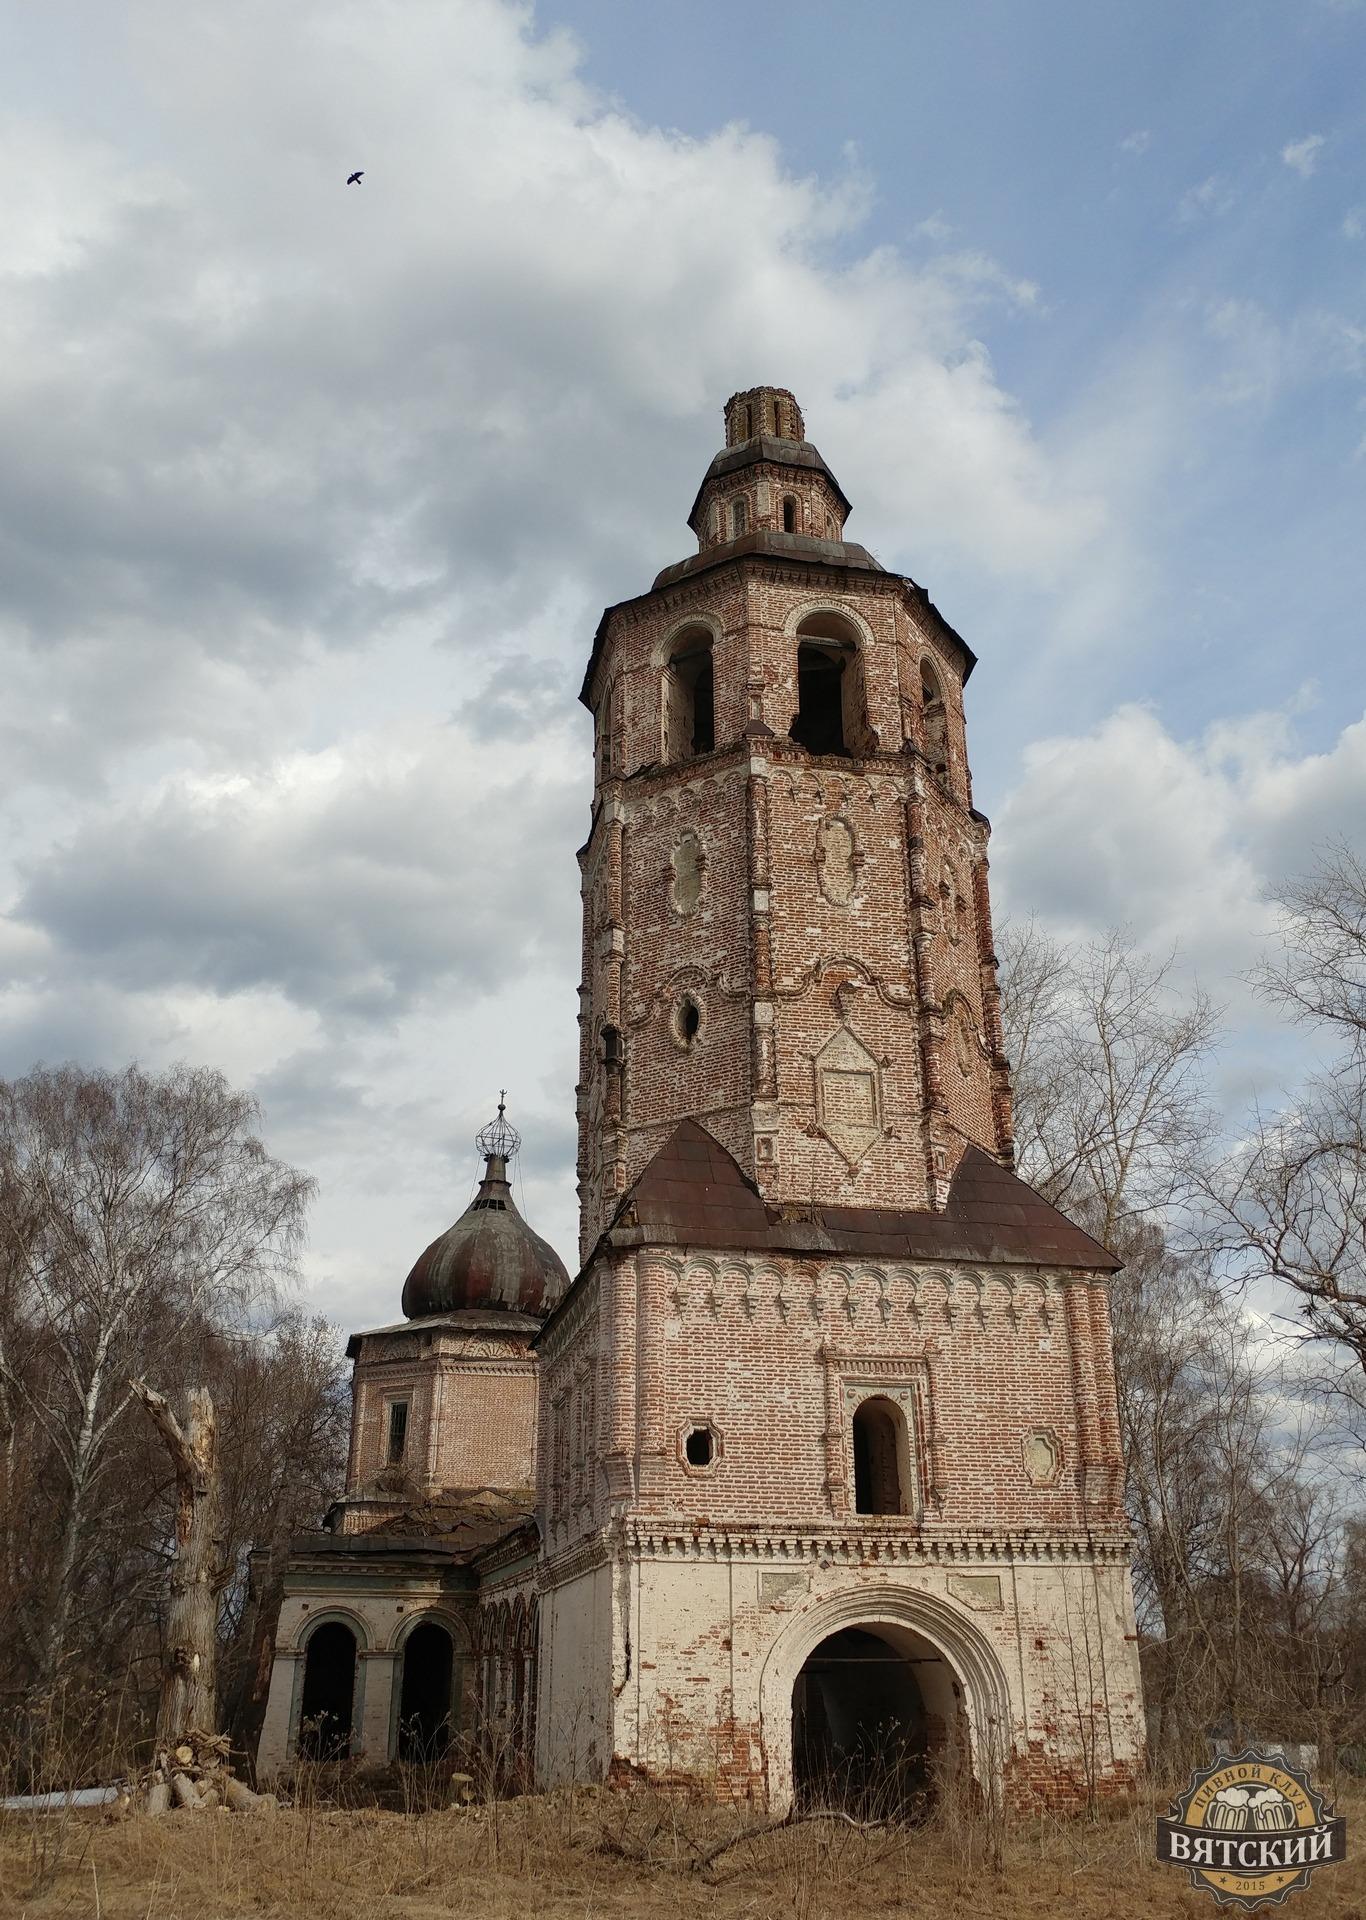 Колокольня Спасской церкви (построена в 1773 году). Вы можете заметить, что колокол просто так нельзя было сбросить, поэтому пришлось разломать нижнюю часть кладки.